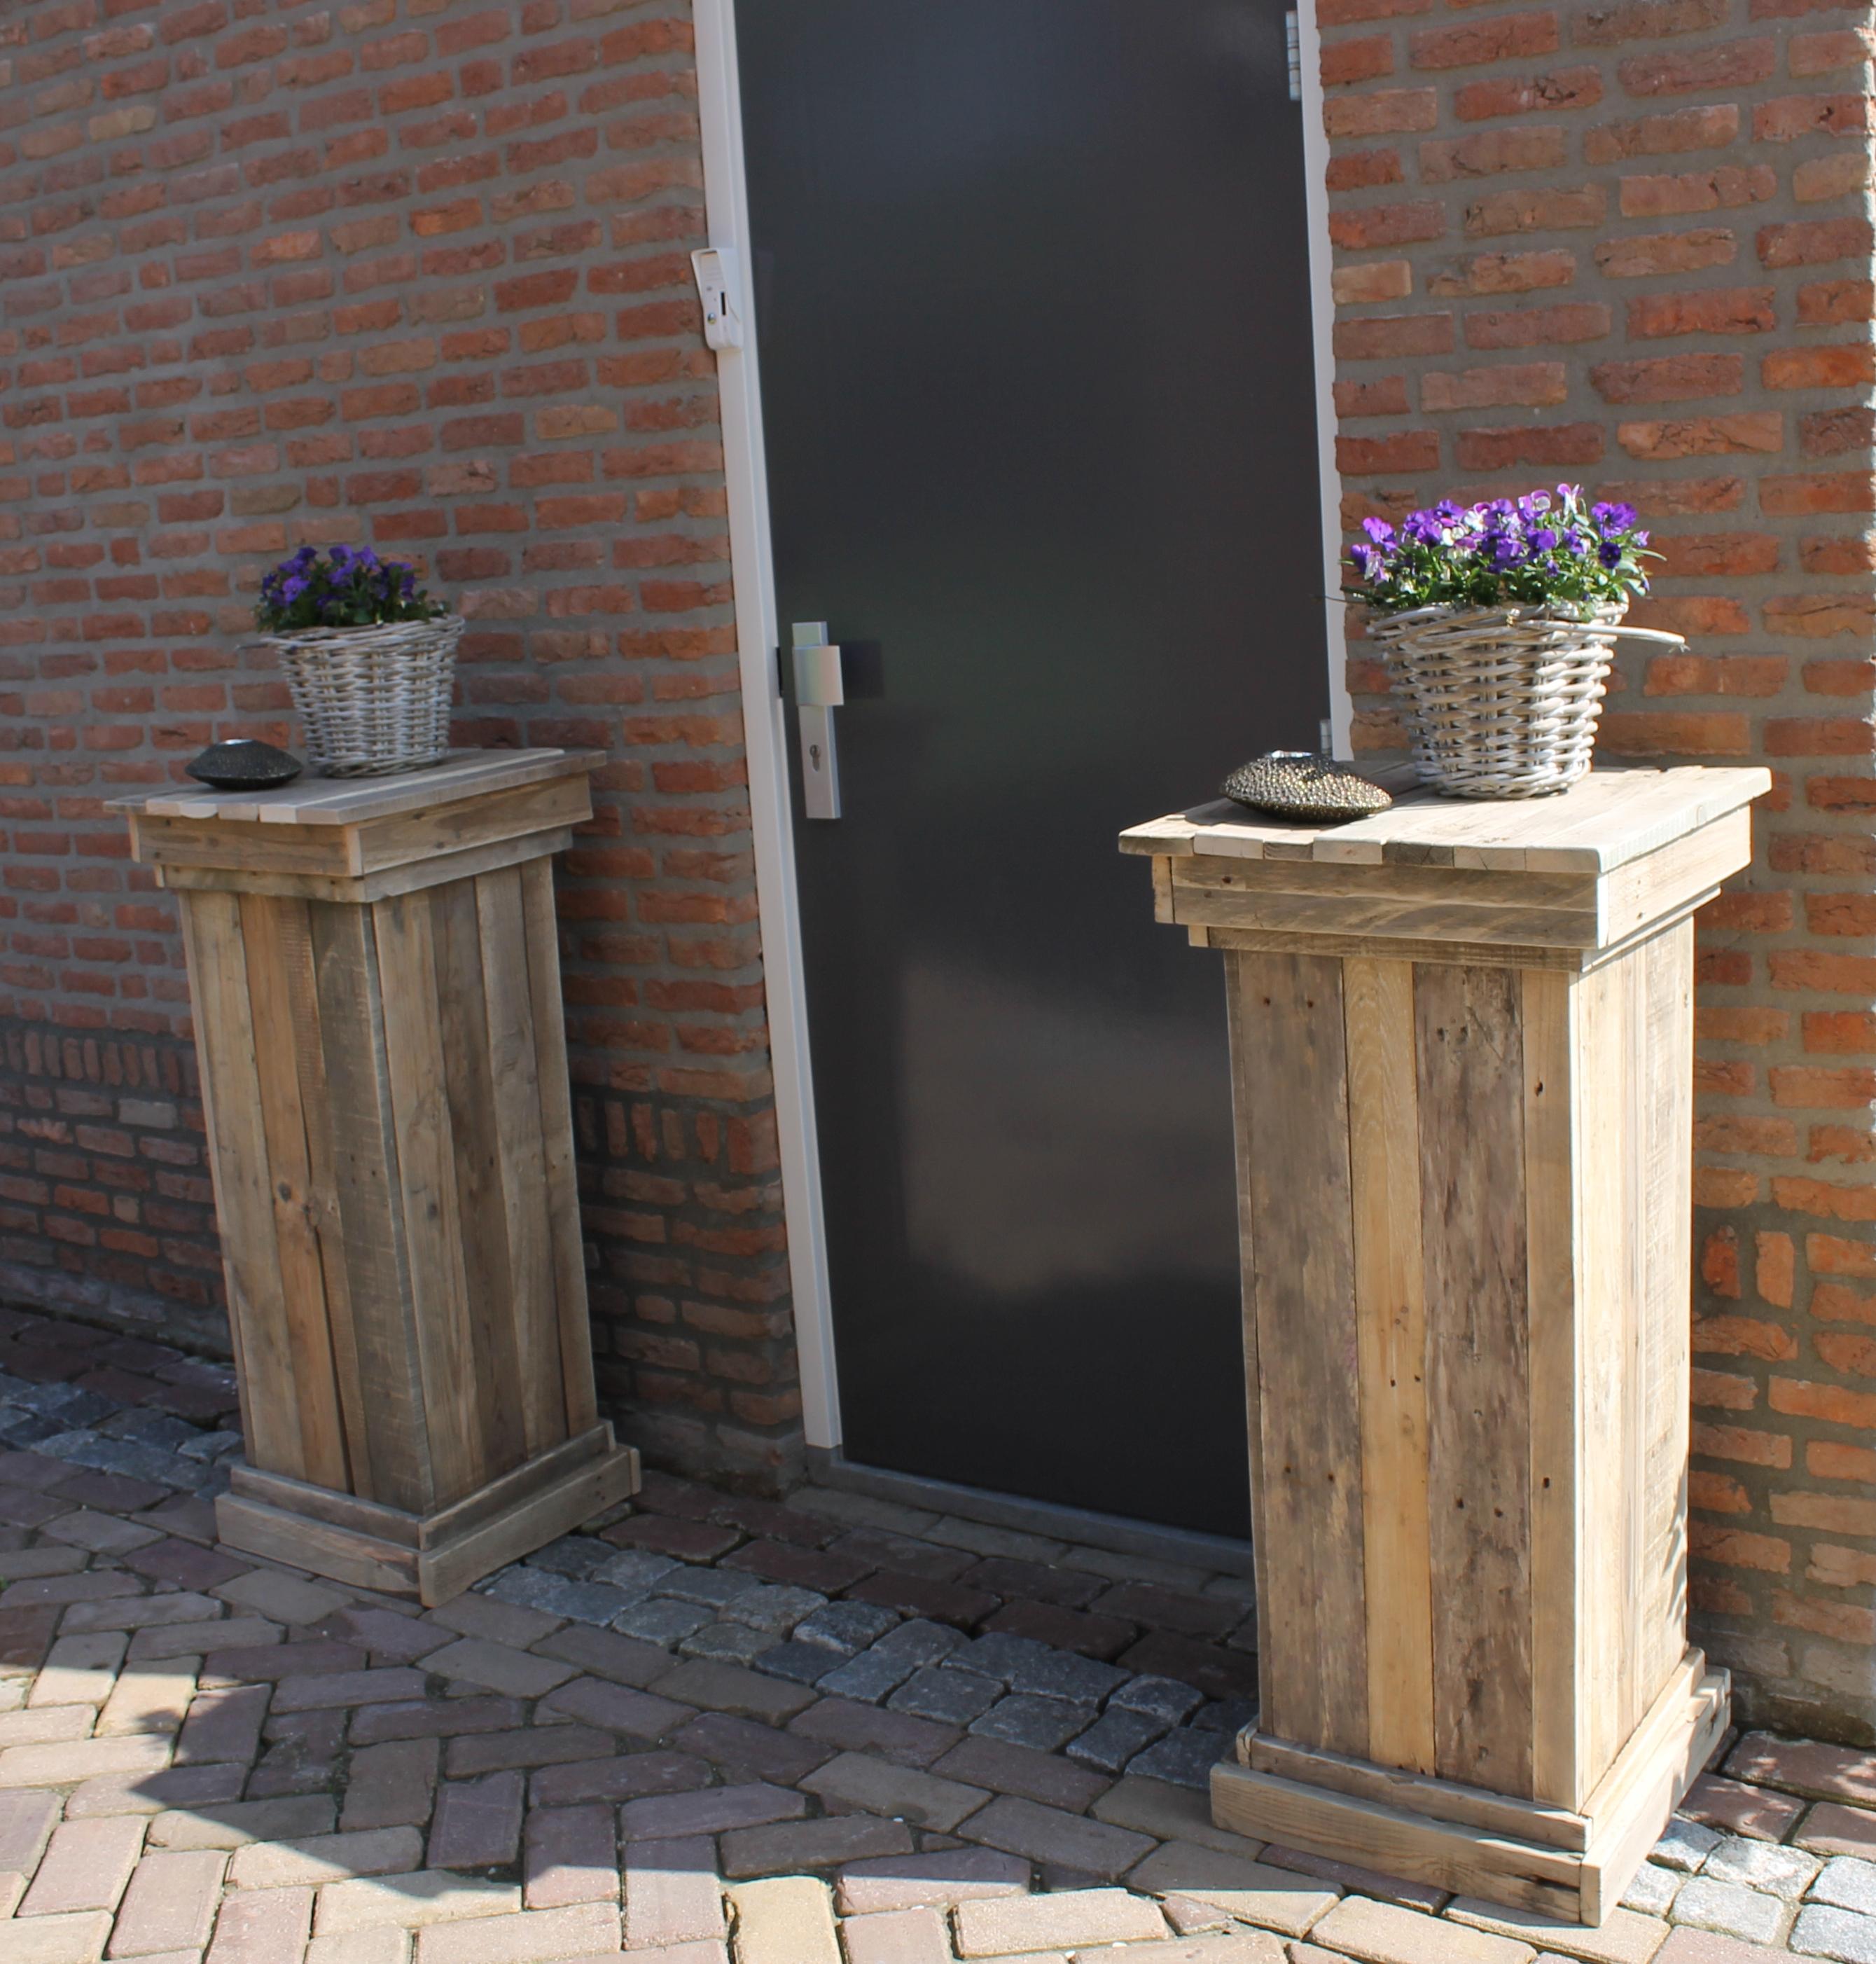 Frerejean timmerwerken interieurbouw houtbewerking ambachtelijke meubels - Entree decoratie ...